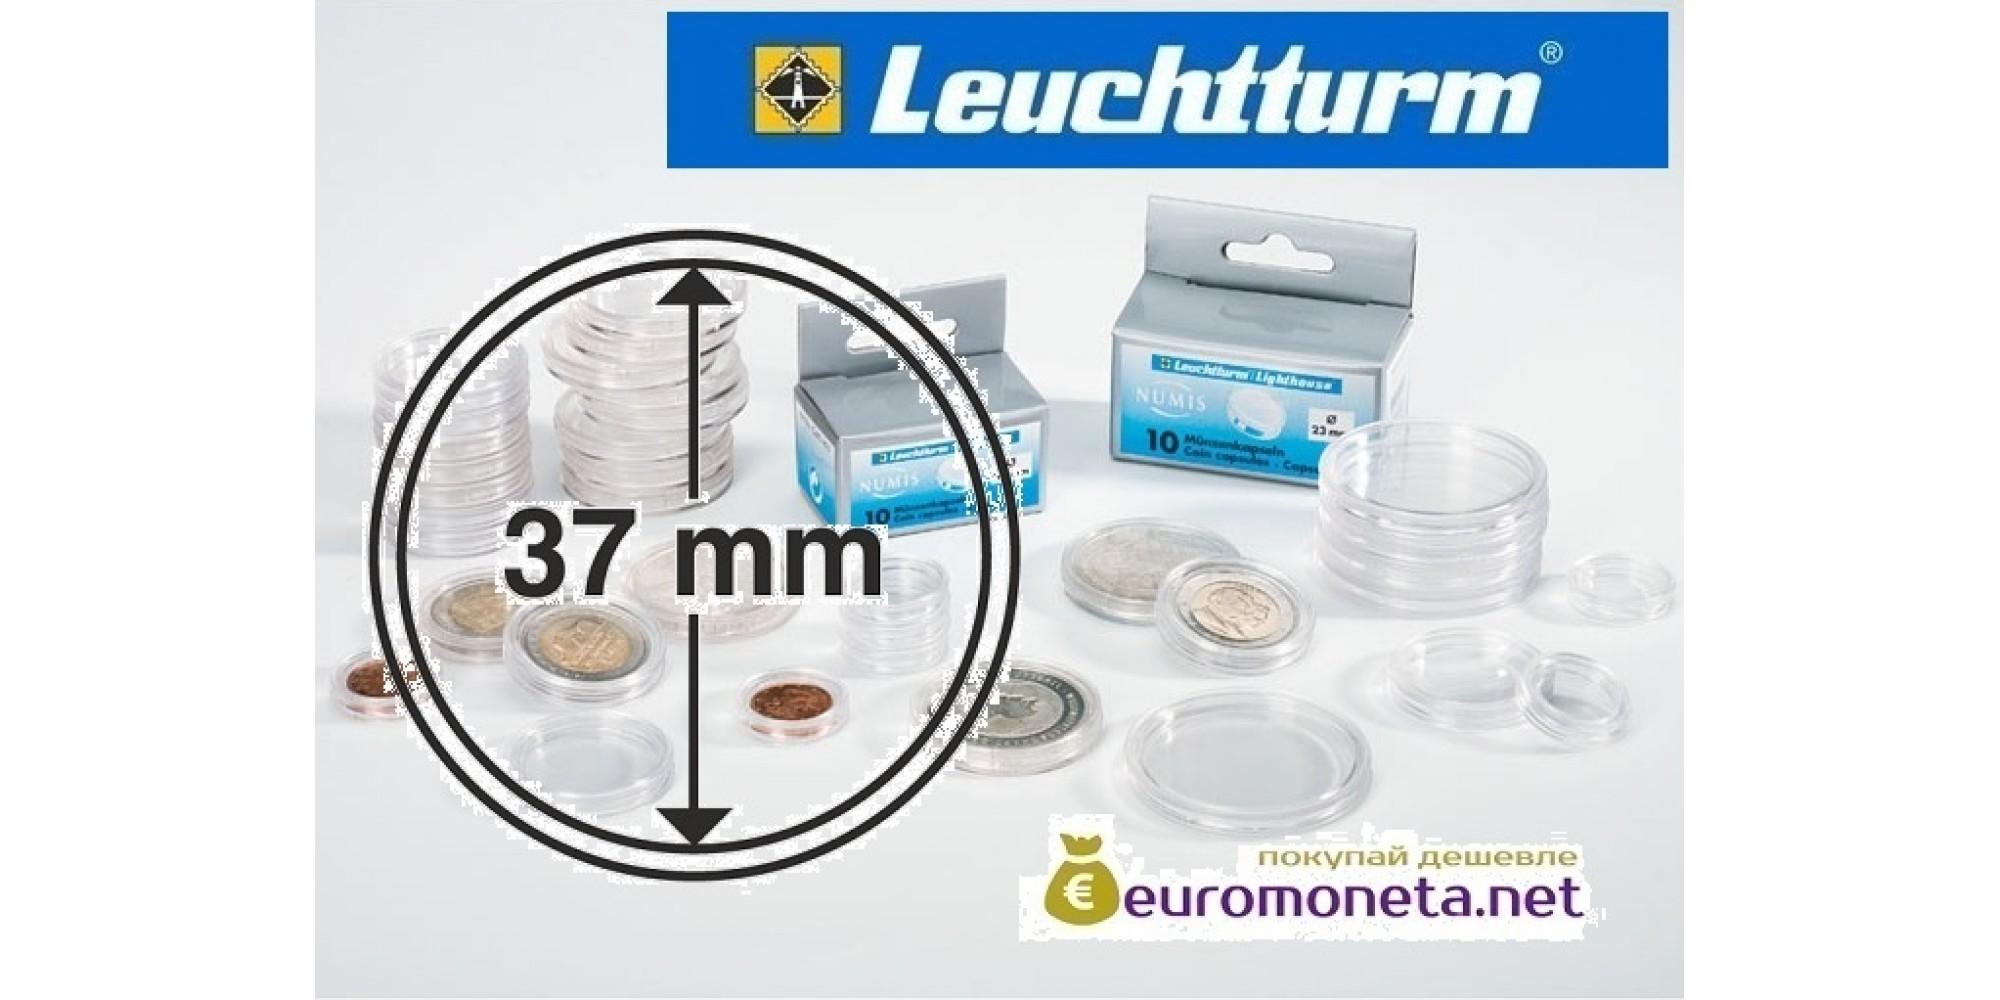 Leuchtturm капсула для хранения монет внутренний диаметр 37 мм, внешний 42 мм, 10 штук, Германия